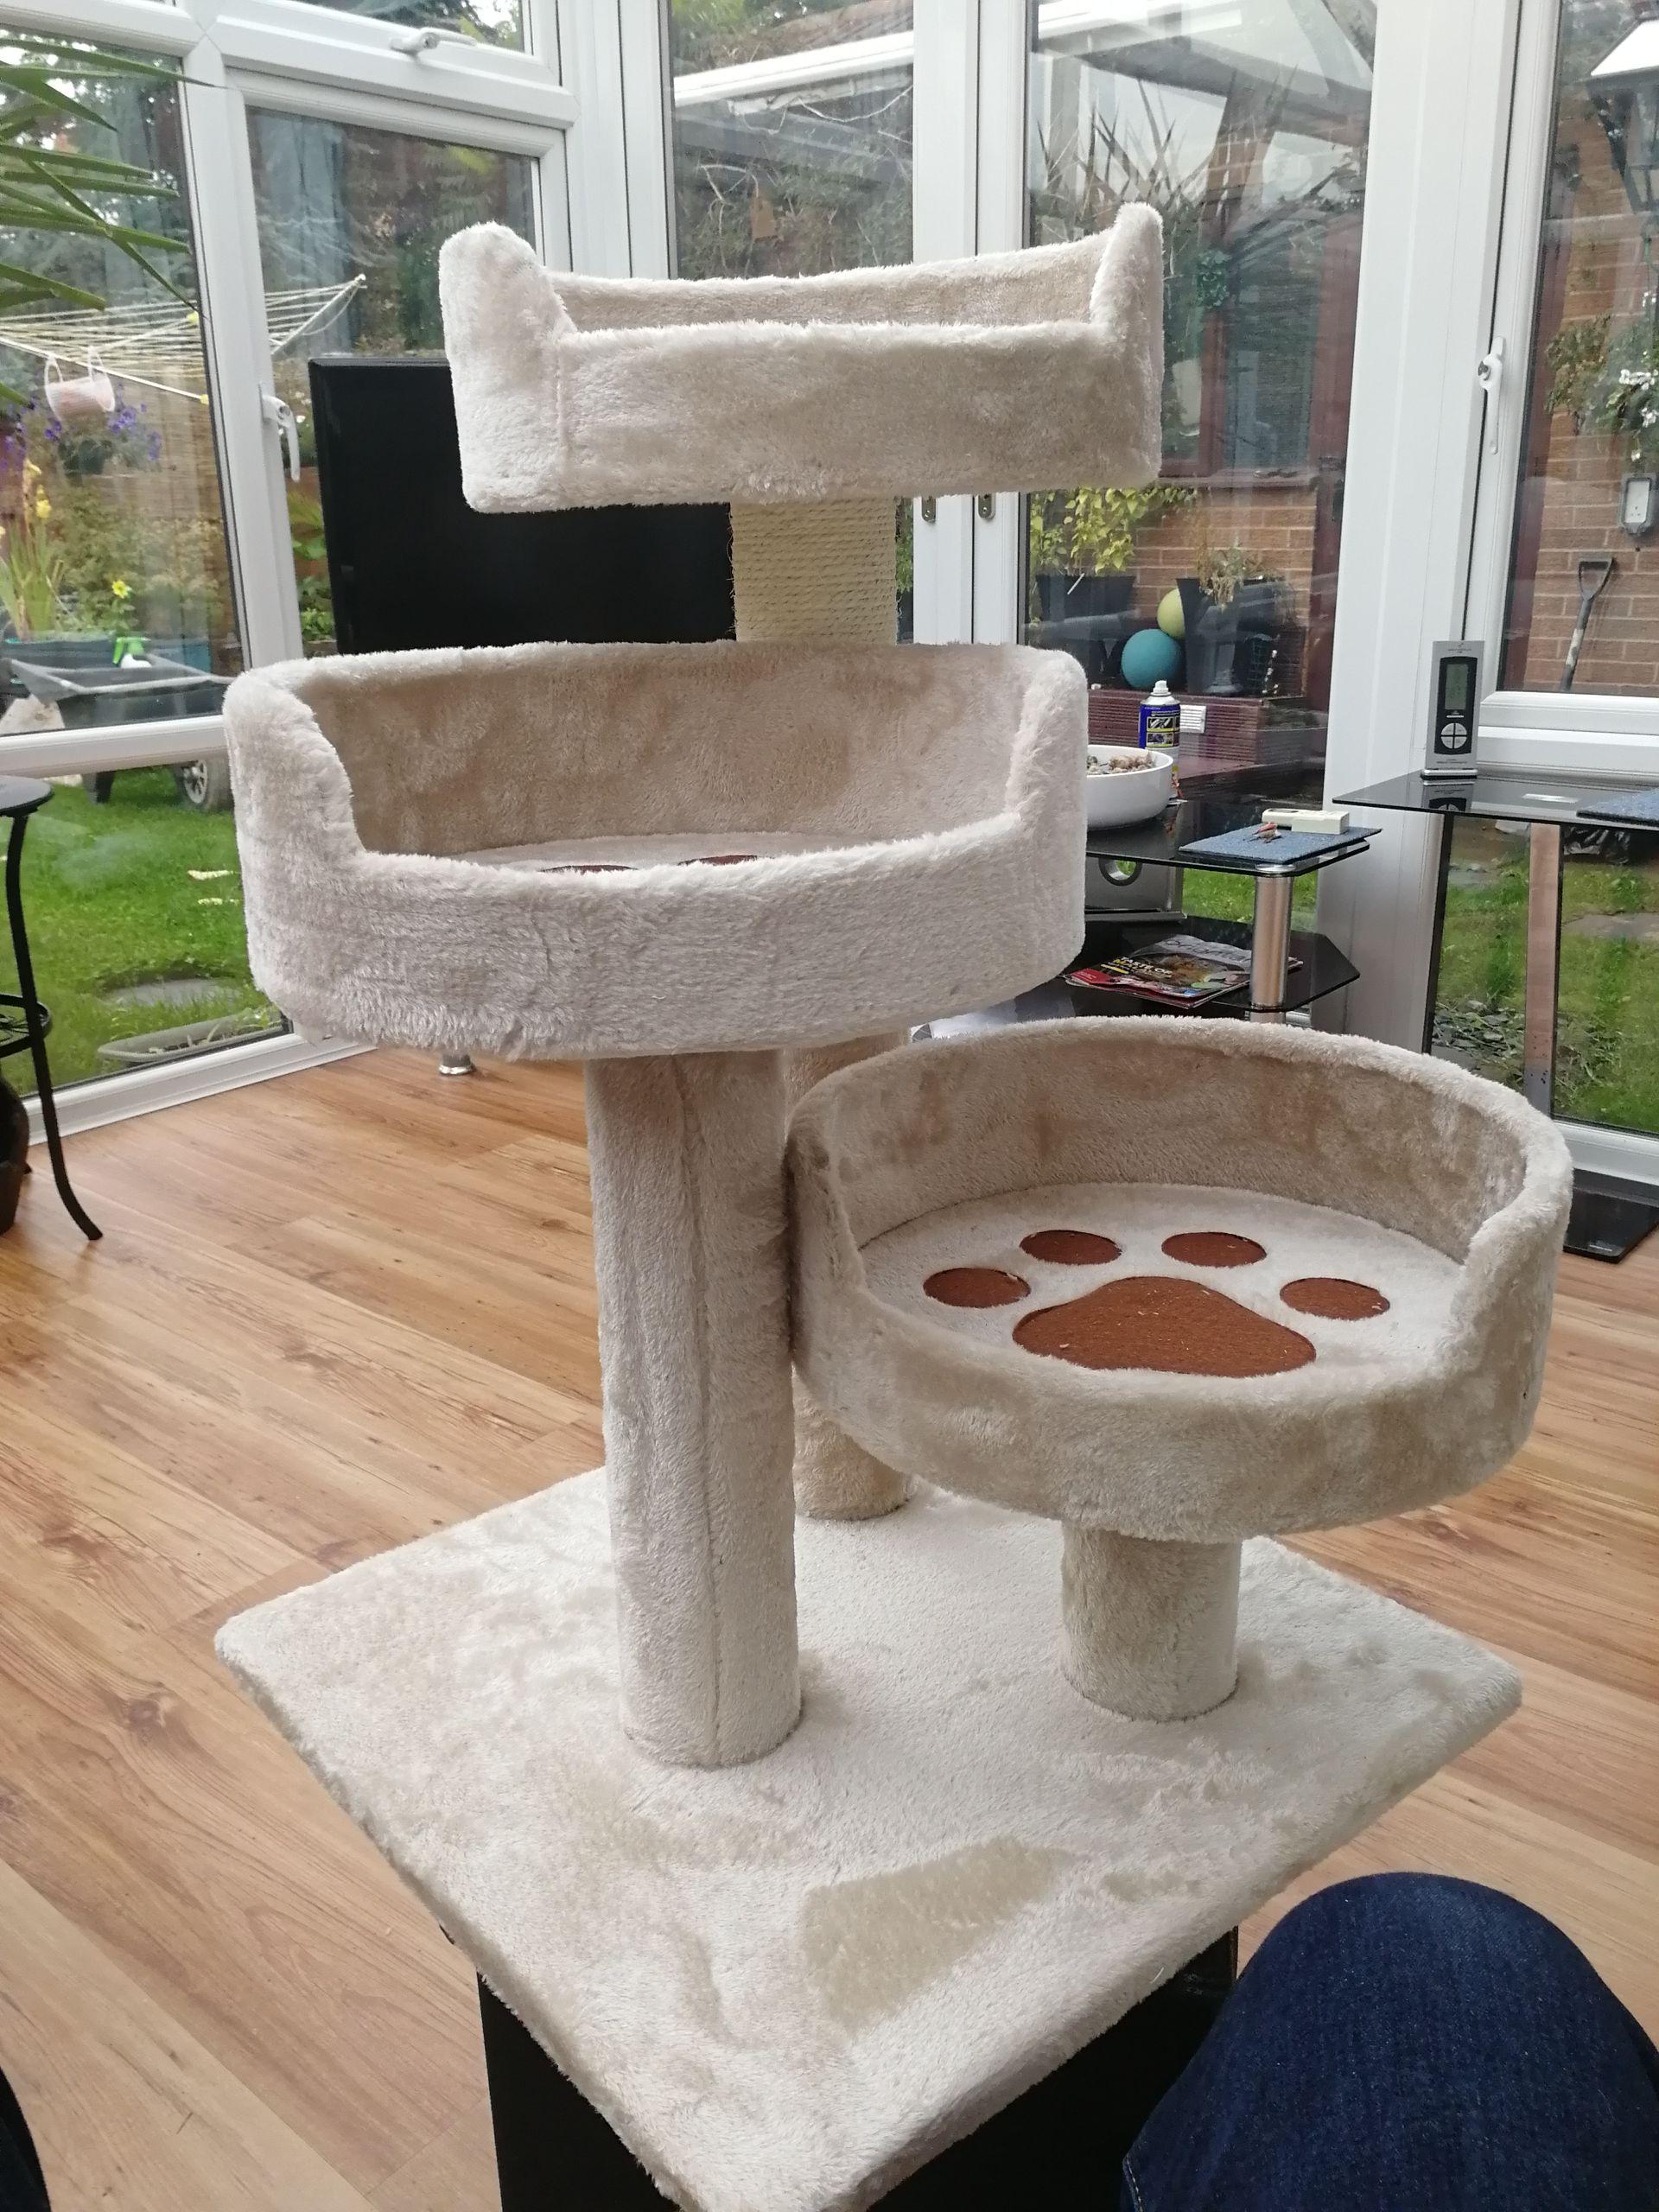 3 Tier Cat Bed/Scratching Post - £10 instore @ Lidl (Warrington)